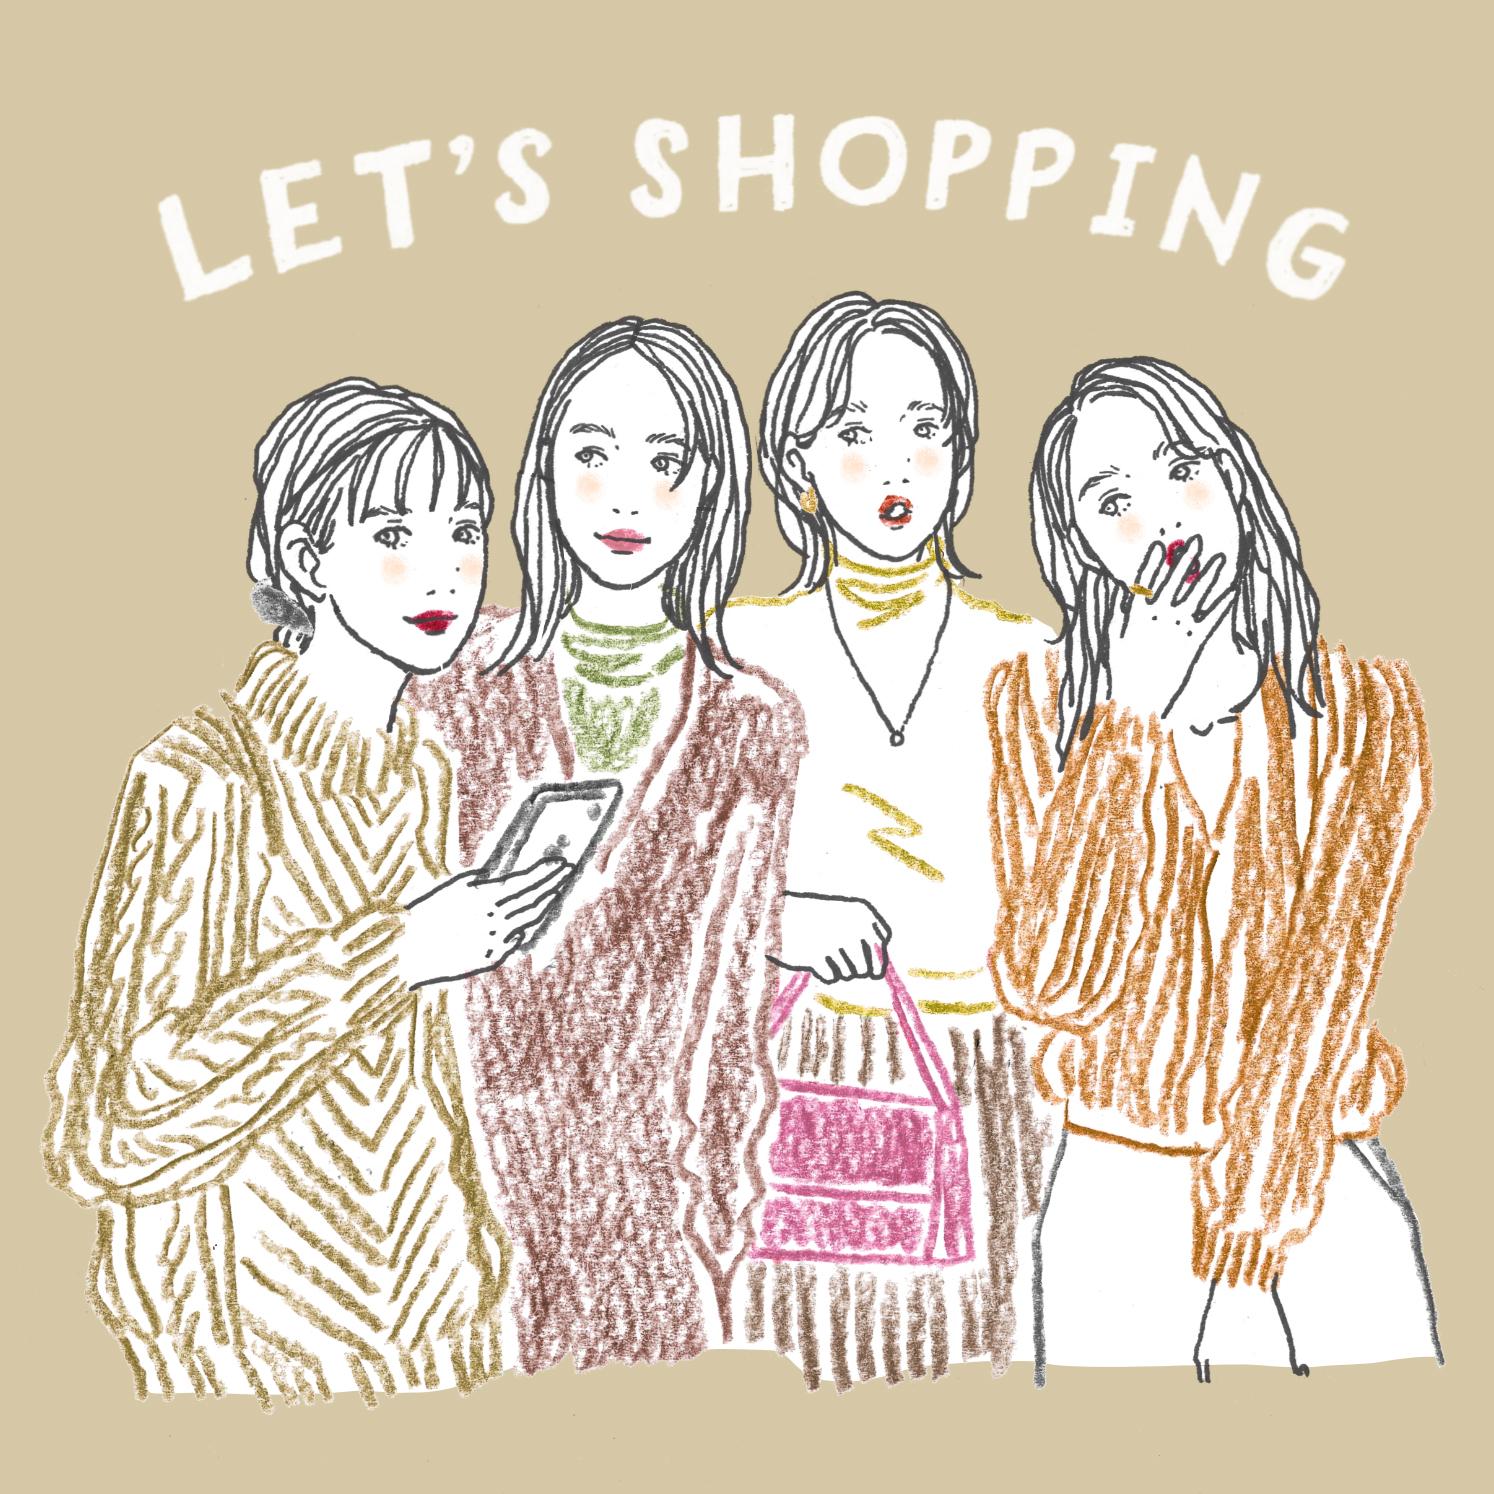 Q:仲良し4人組主婦が、量は多いけど安く買えるお得なスーパーへ買い物をしに行きました。「安いけどこんなにいらないわ~。シェアしましょうよ」と買ったものは何だと思いますか?